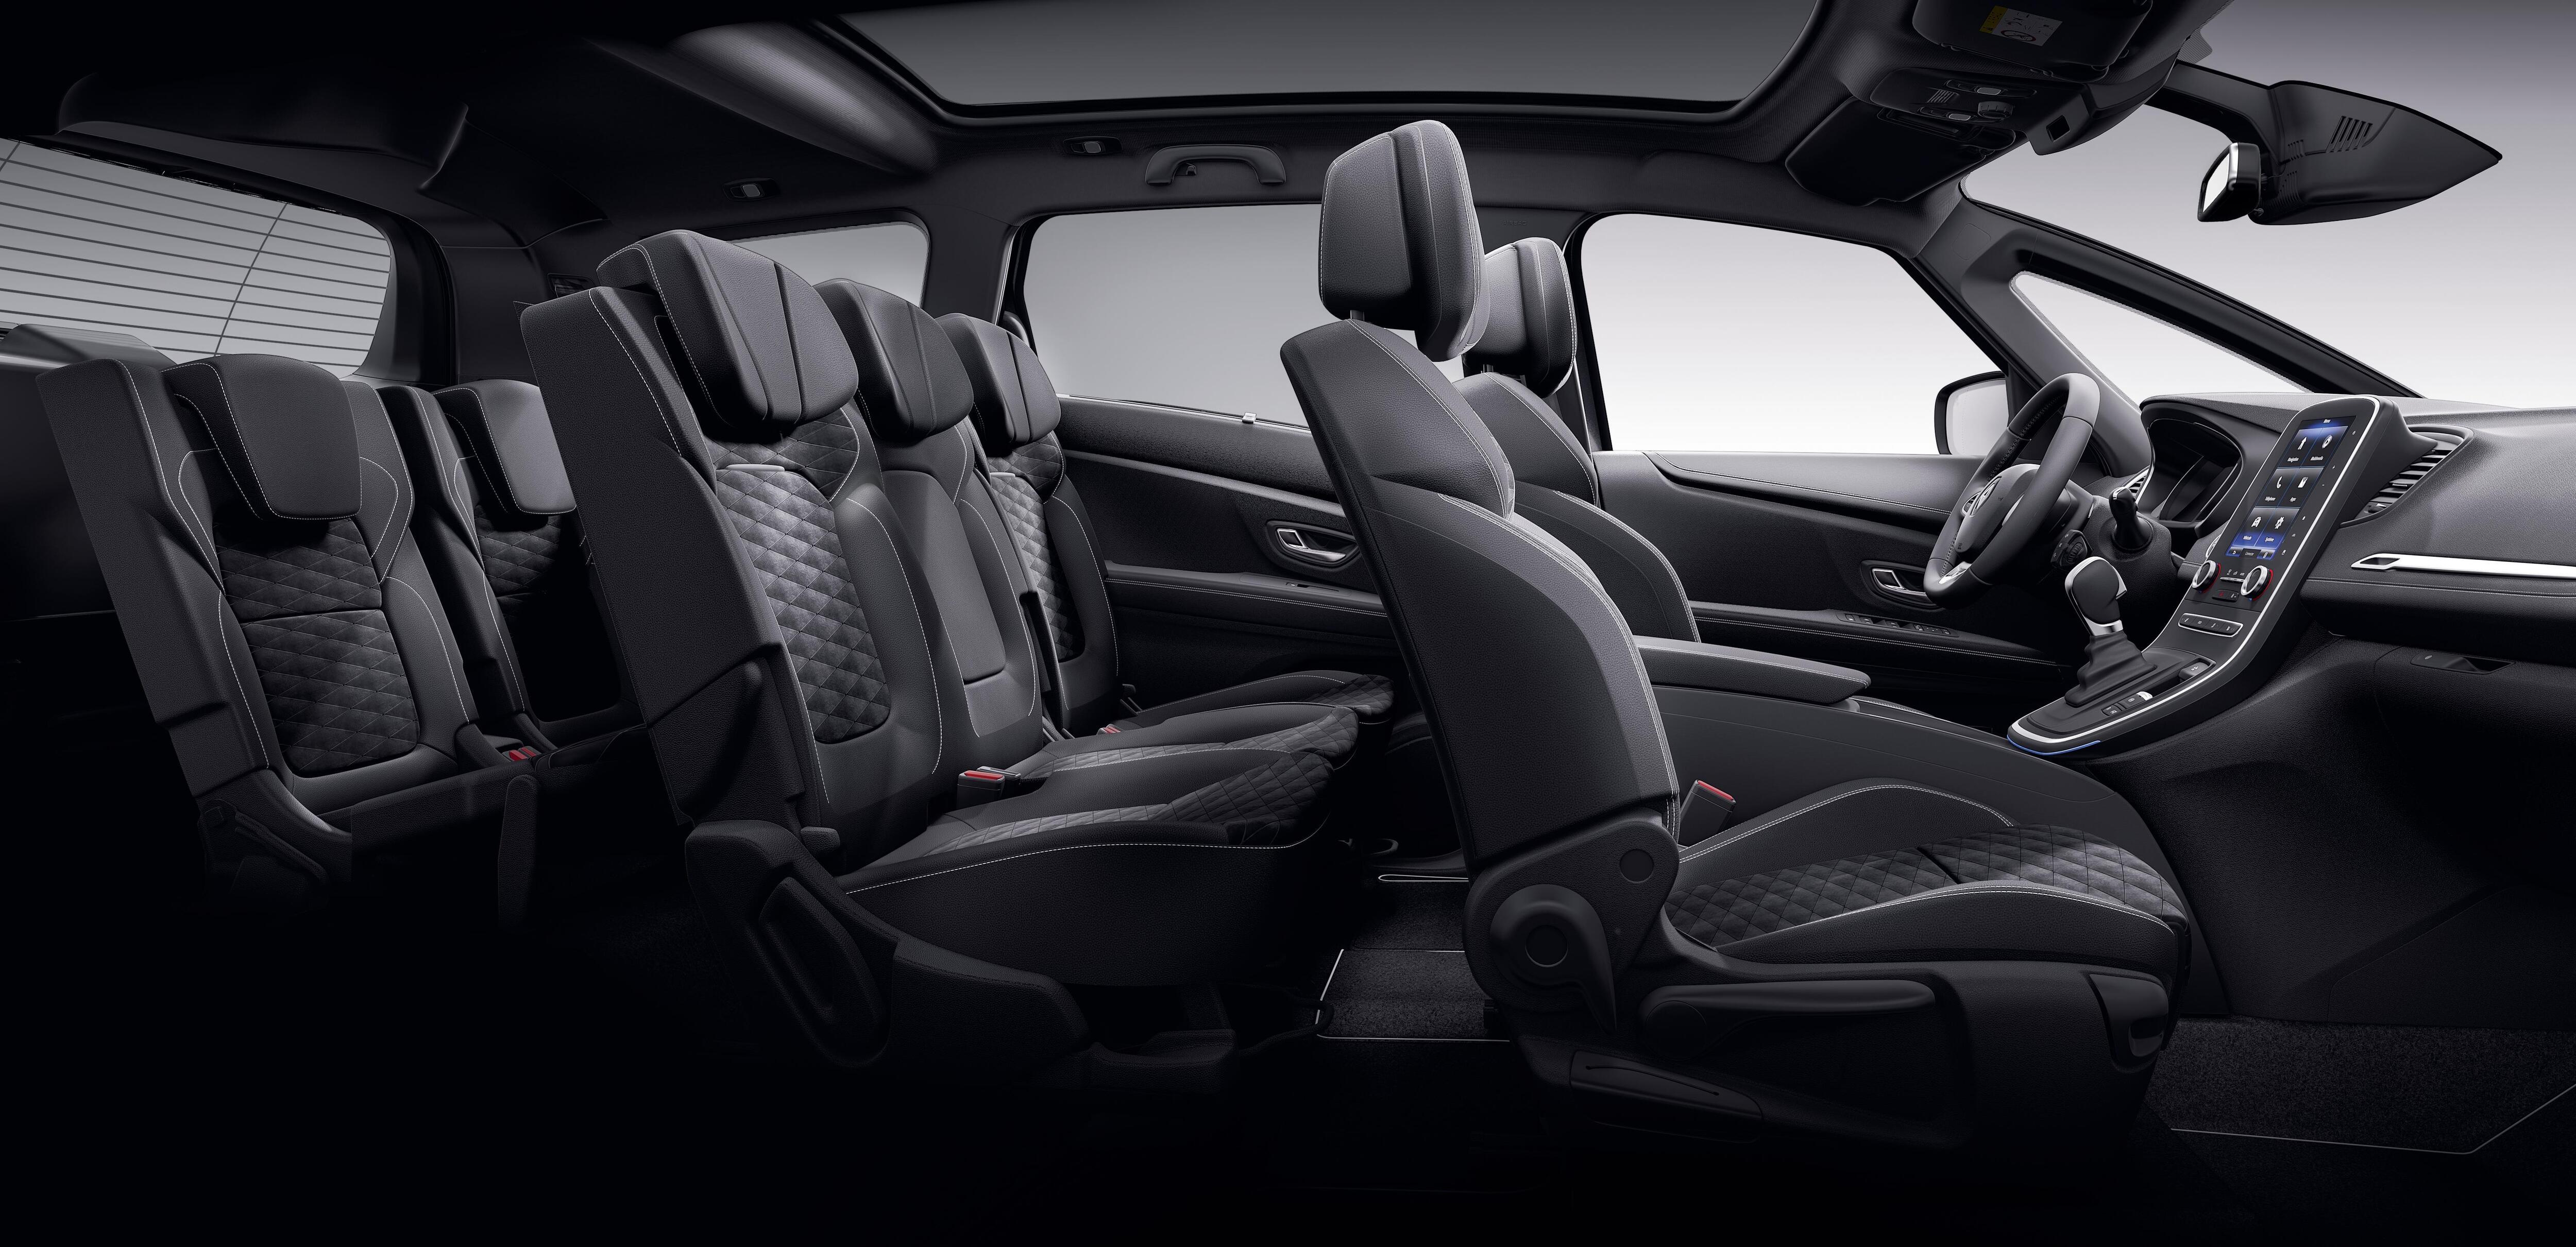 2 sièges arrière supplémentaires